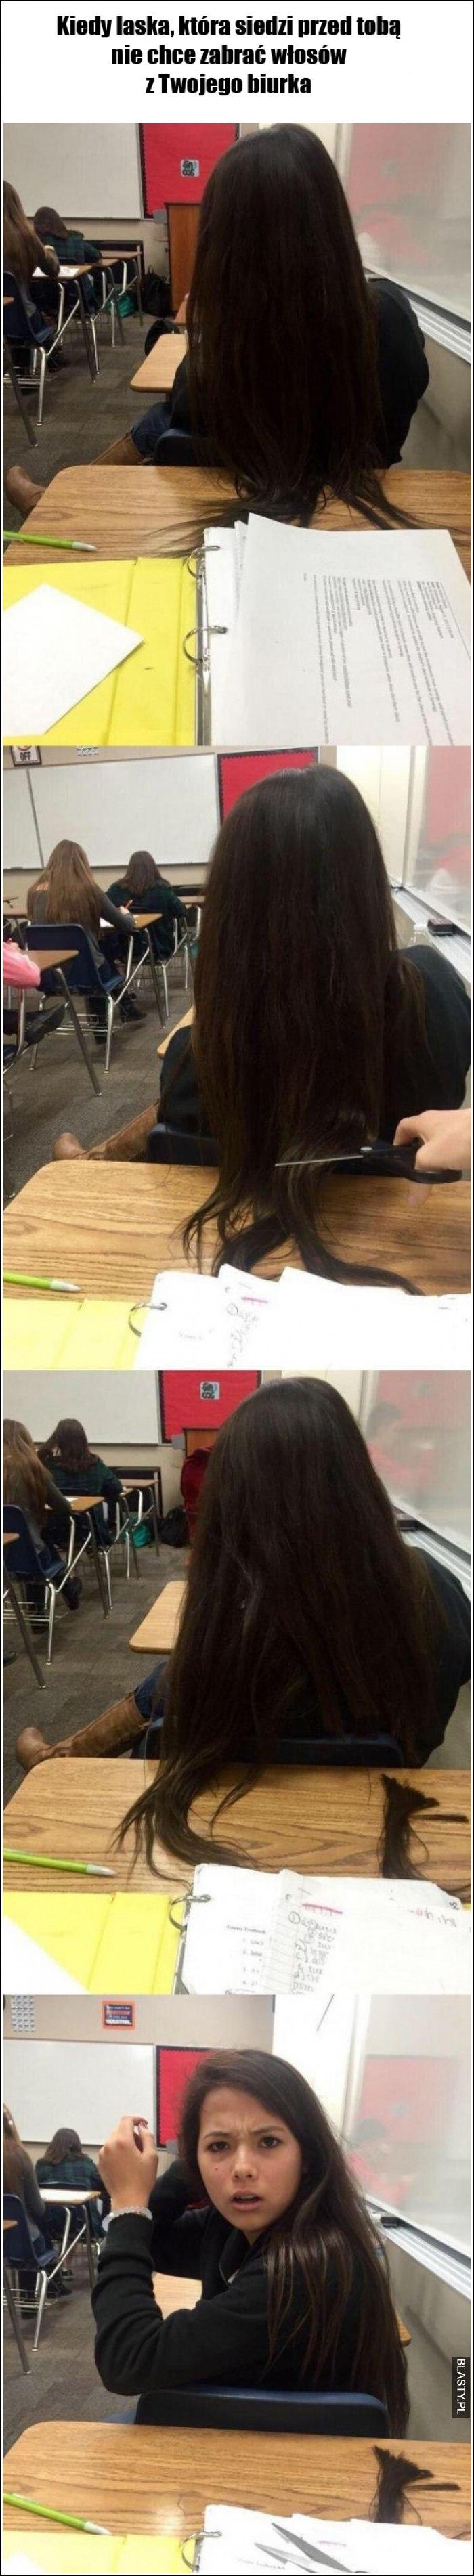 Kiedy laska, która siedzie przed tobą nie chce zabrać włosów z Twojego biurka